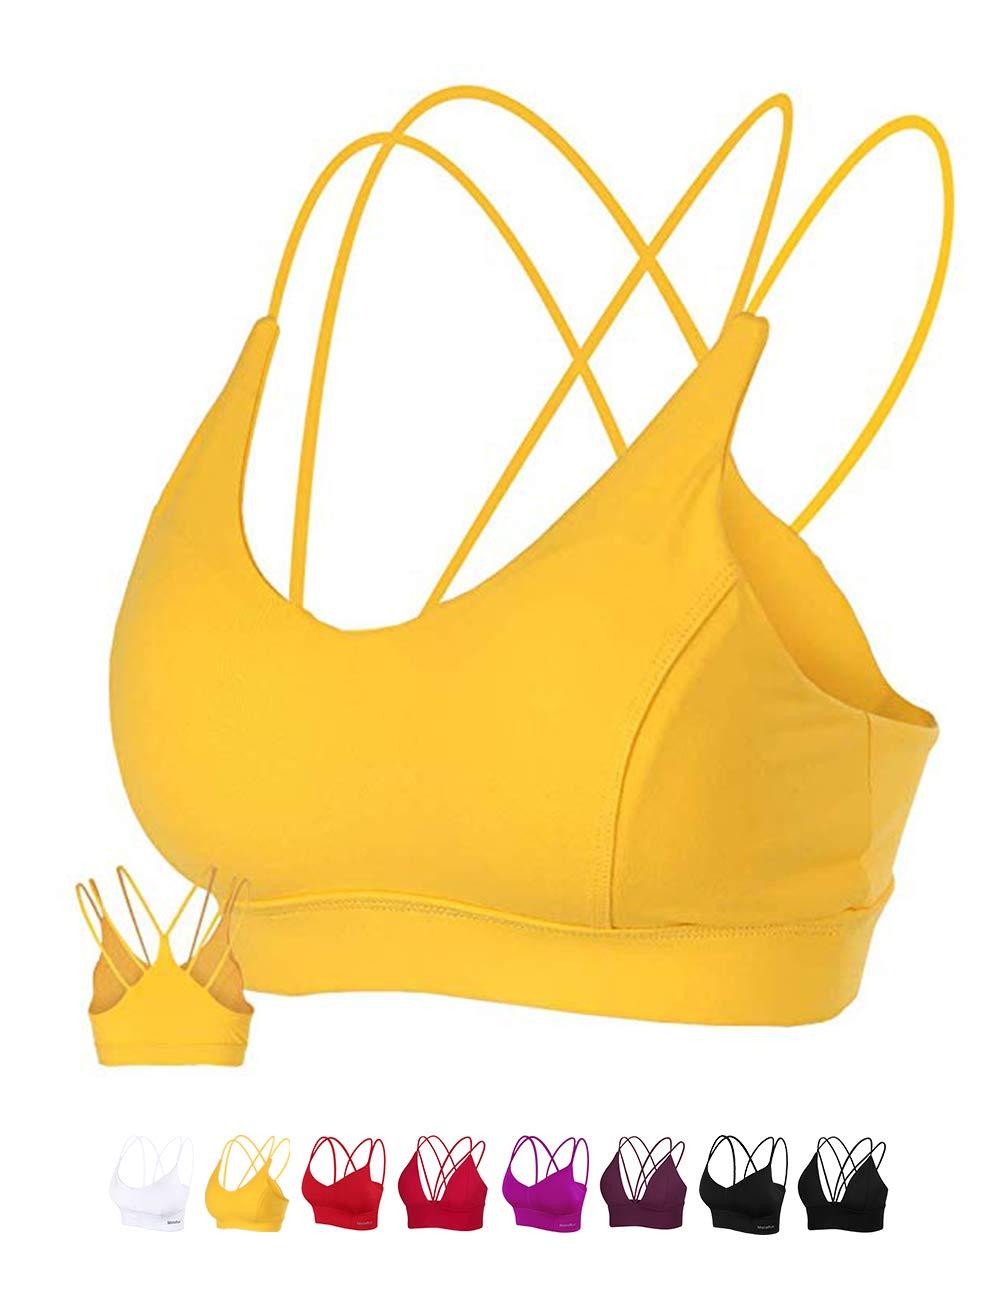 MotoRun Womens Push-Up Padded Strappy Sports Bra Cross Back Wirefree Fitness Yoga Top Lemon Yellow by MotoRun